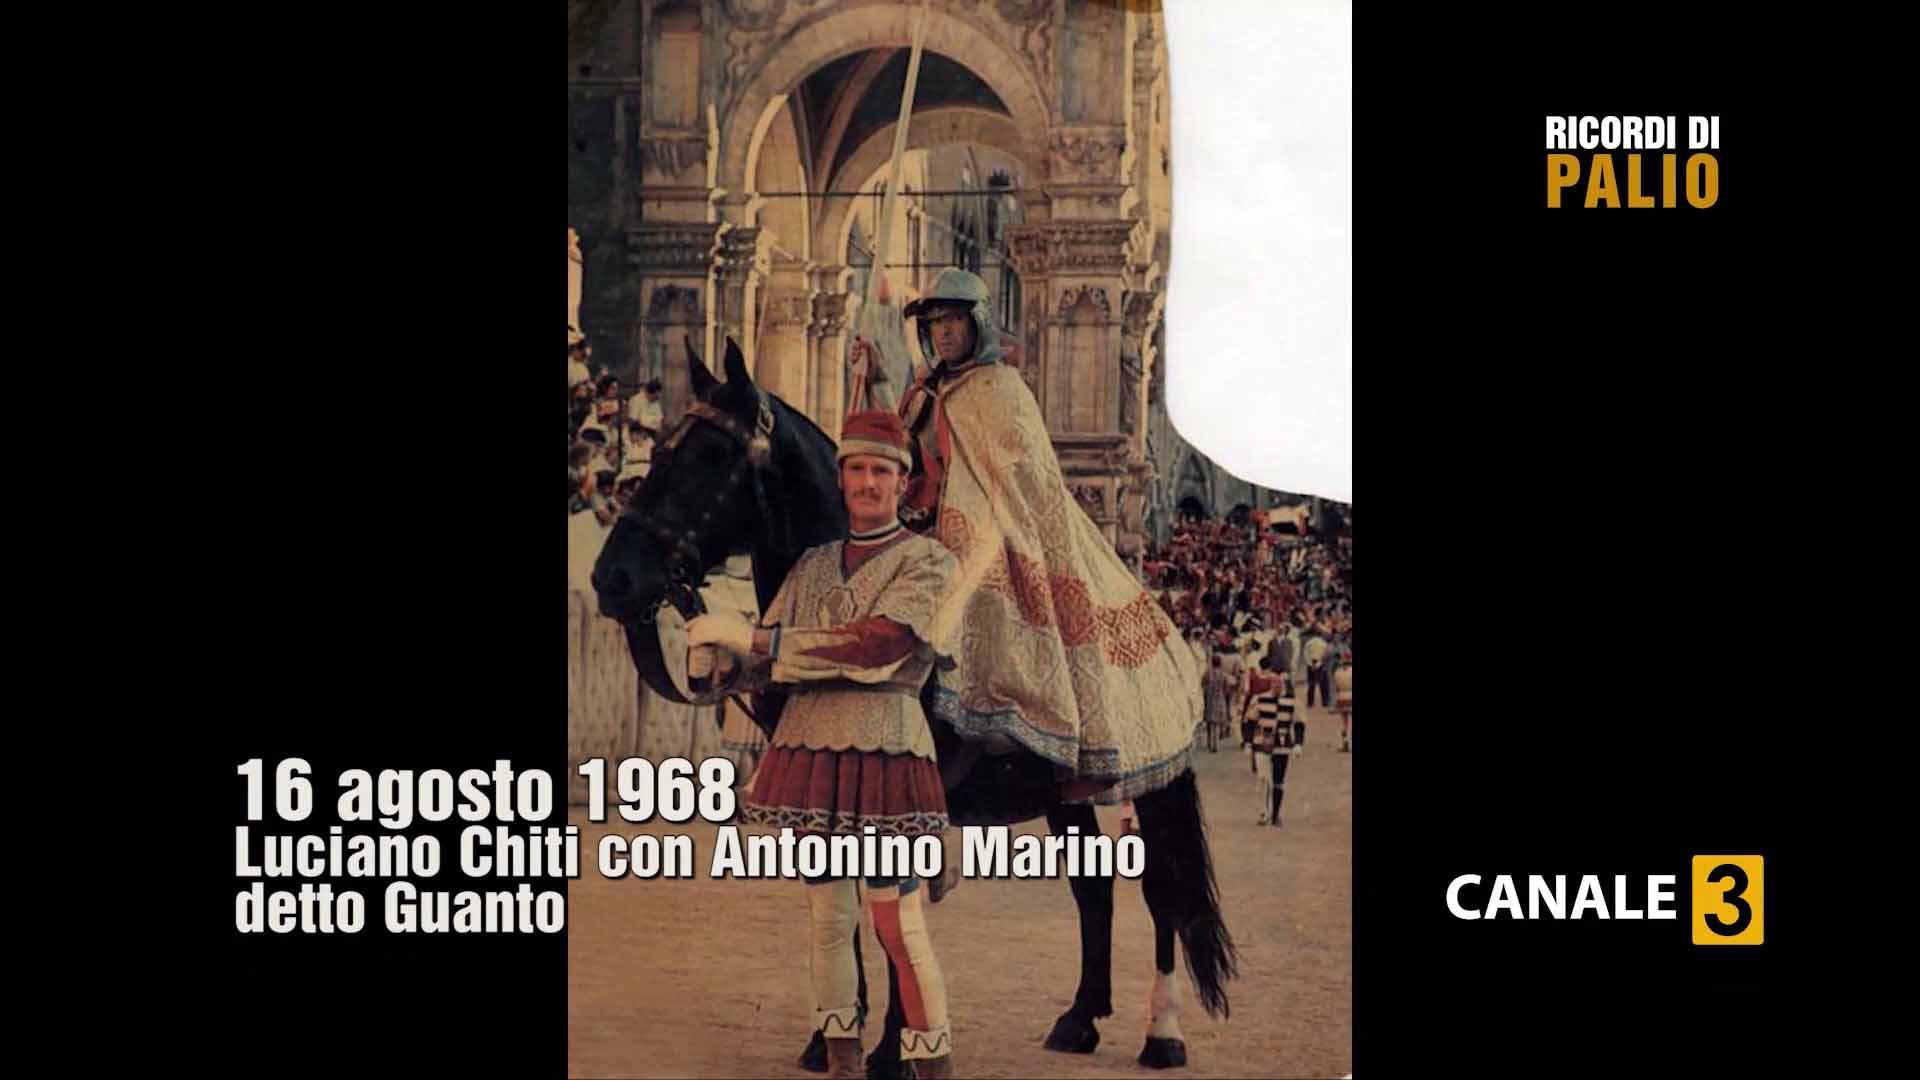 Palio di Siena del 16 agosto 1968 - Luciano Chiti con Antonino Marino detto Guanto